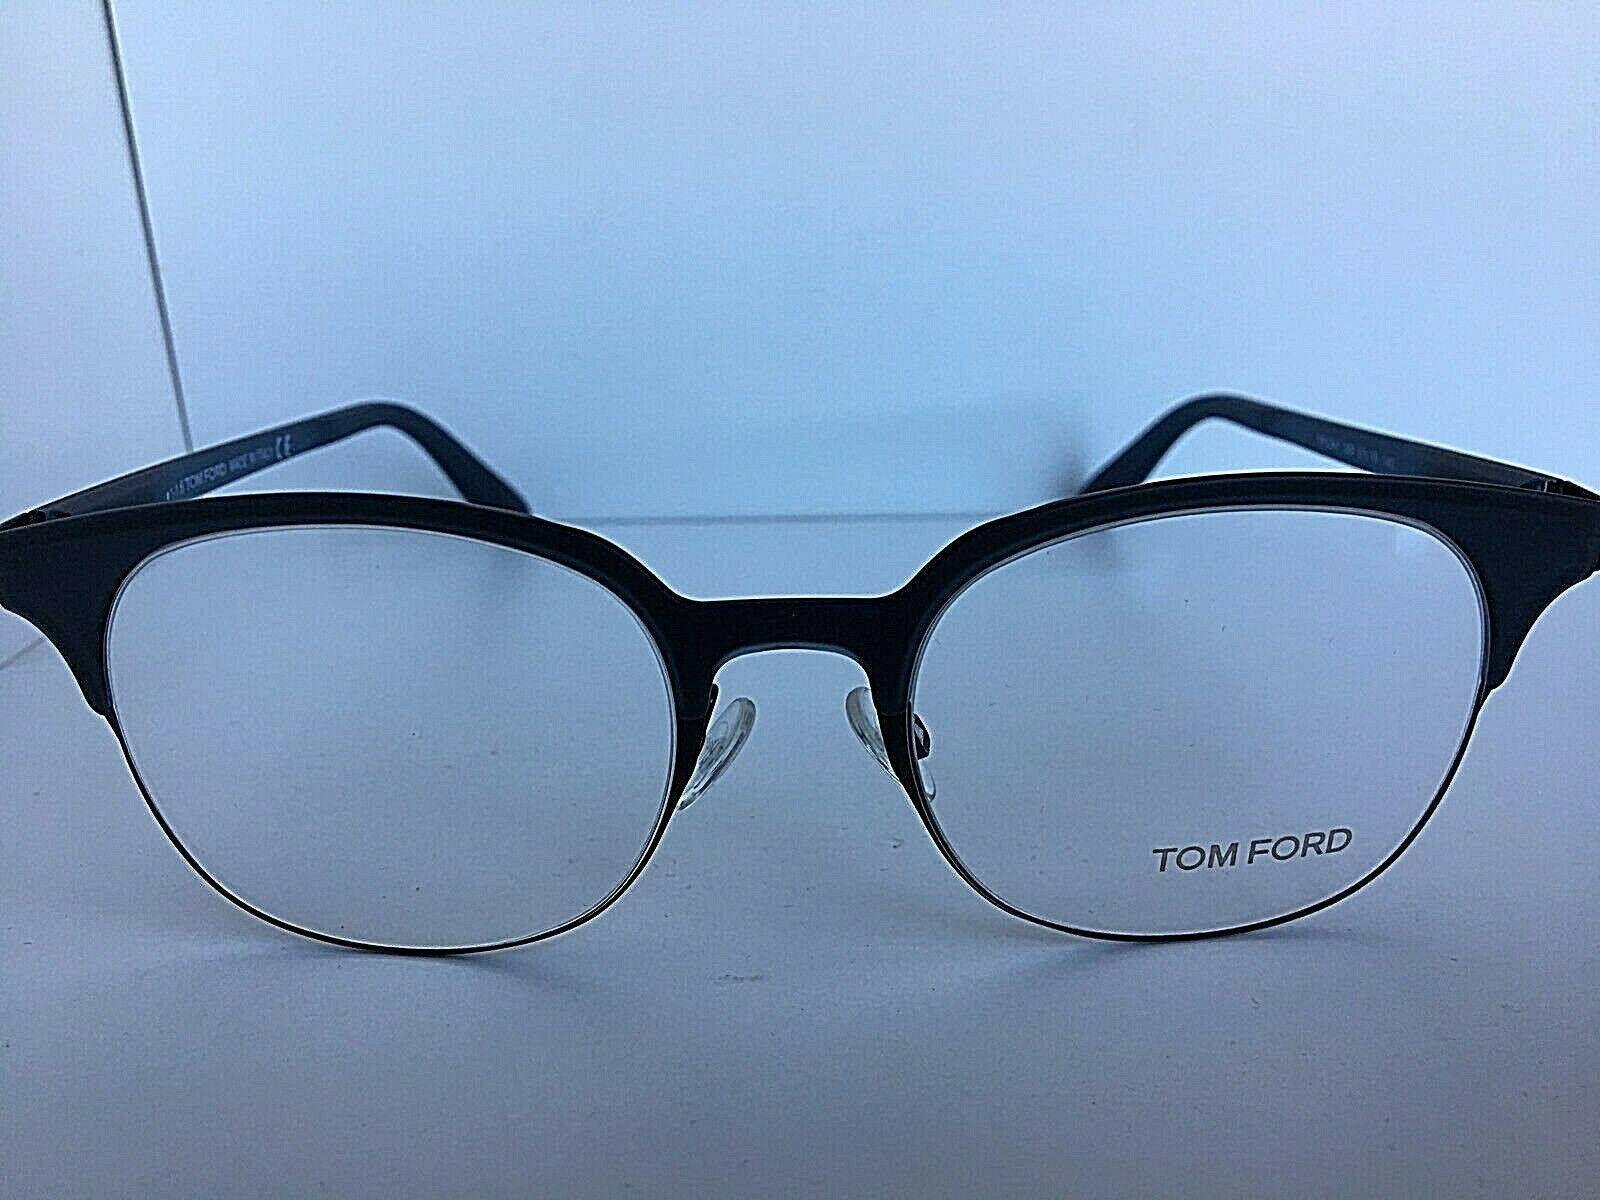 New Tom Ford TF 5347 TF5347 089 Black 51mm Clubmaster Eyeglasses Frame Italy